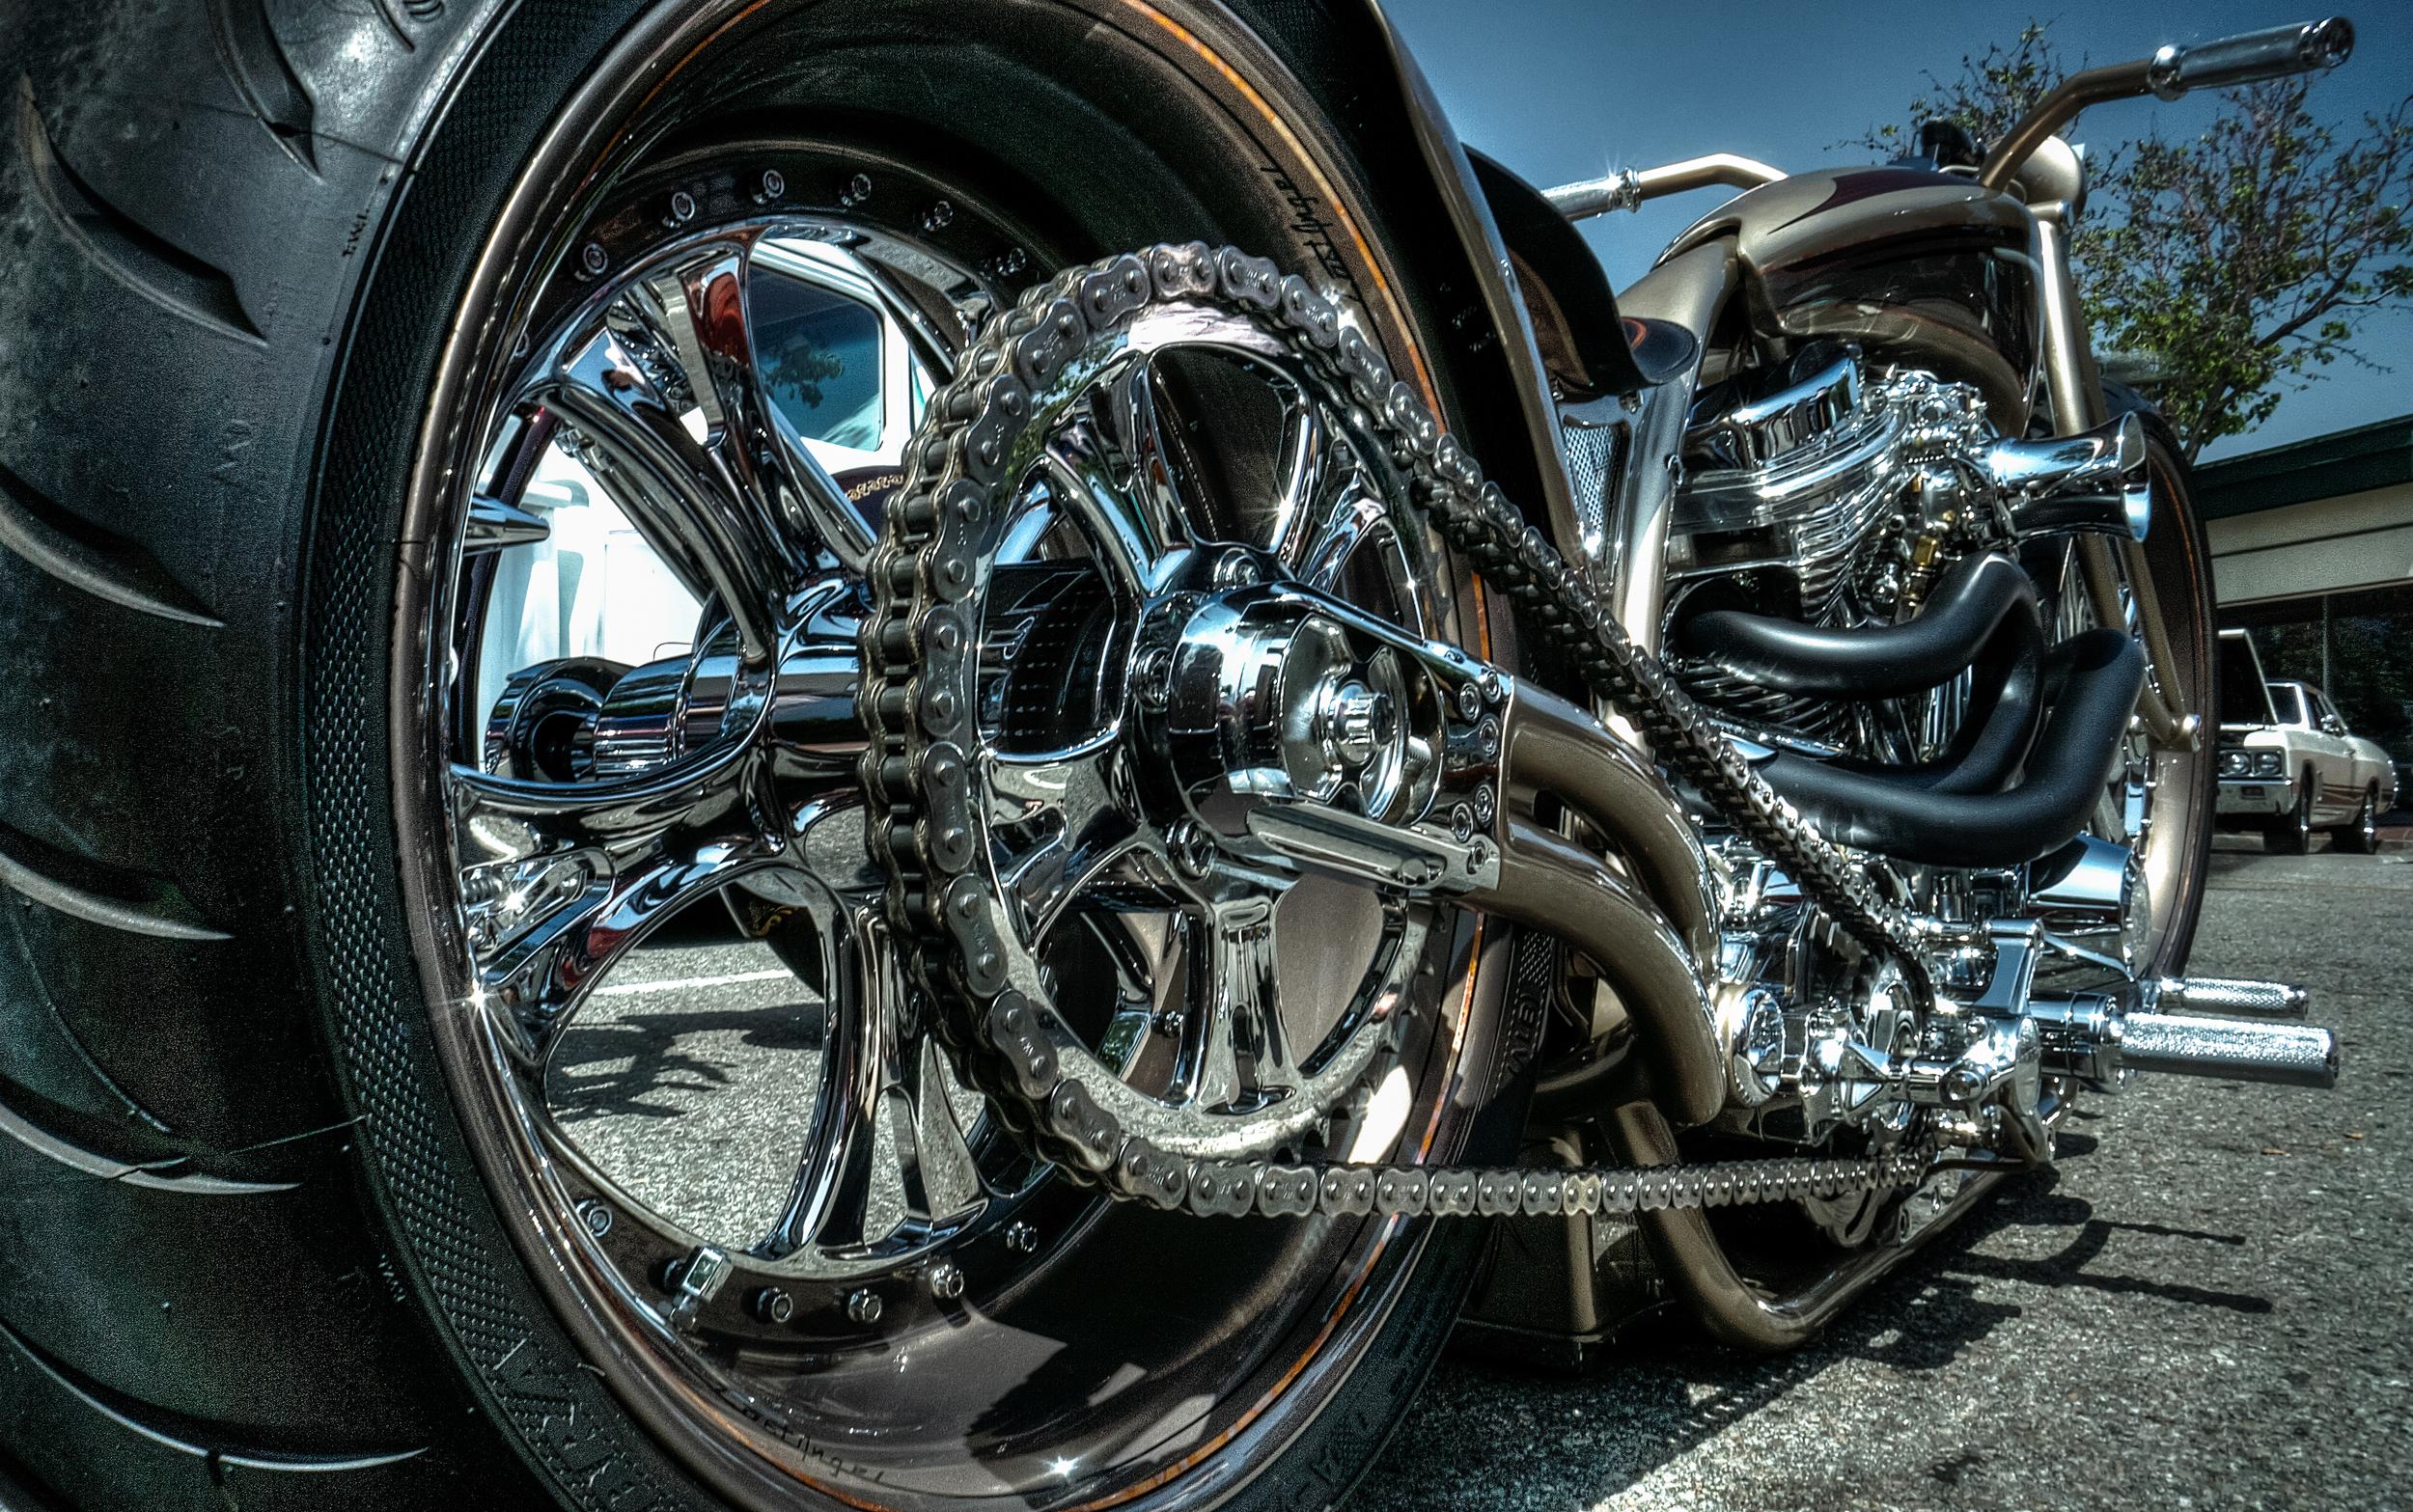 bike grey1.jpg